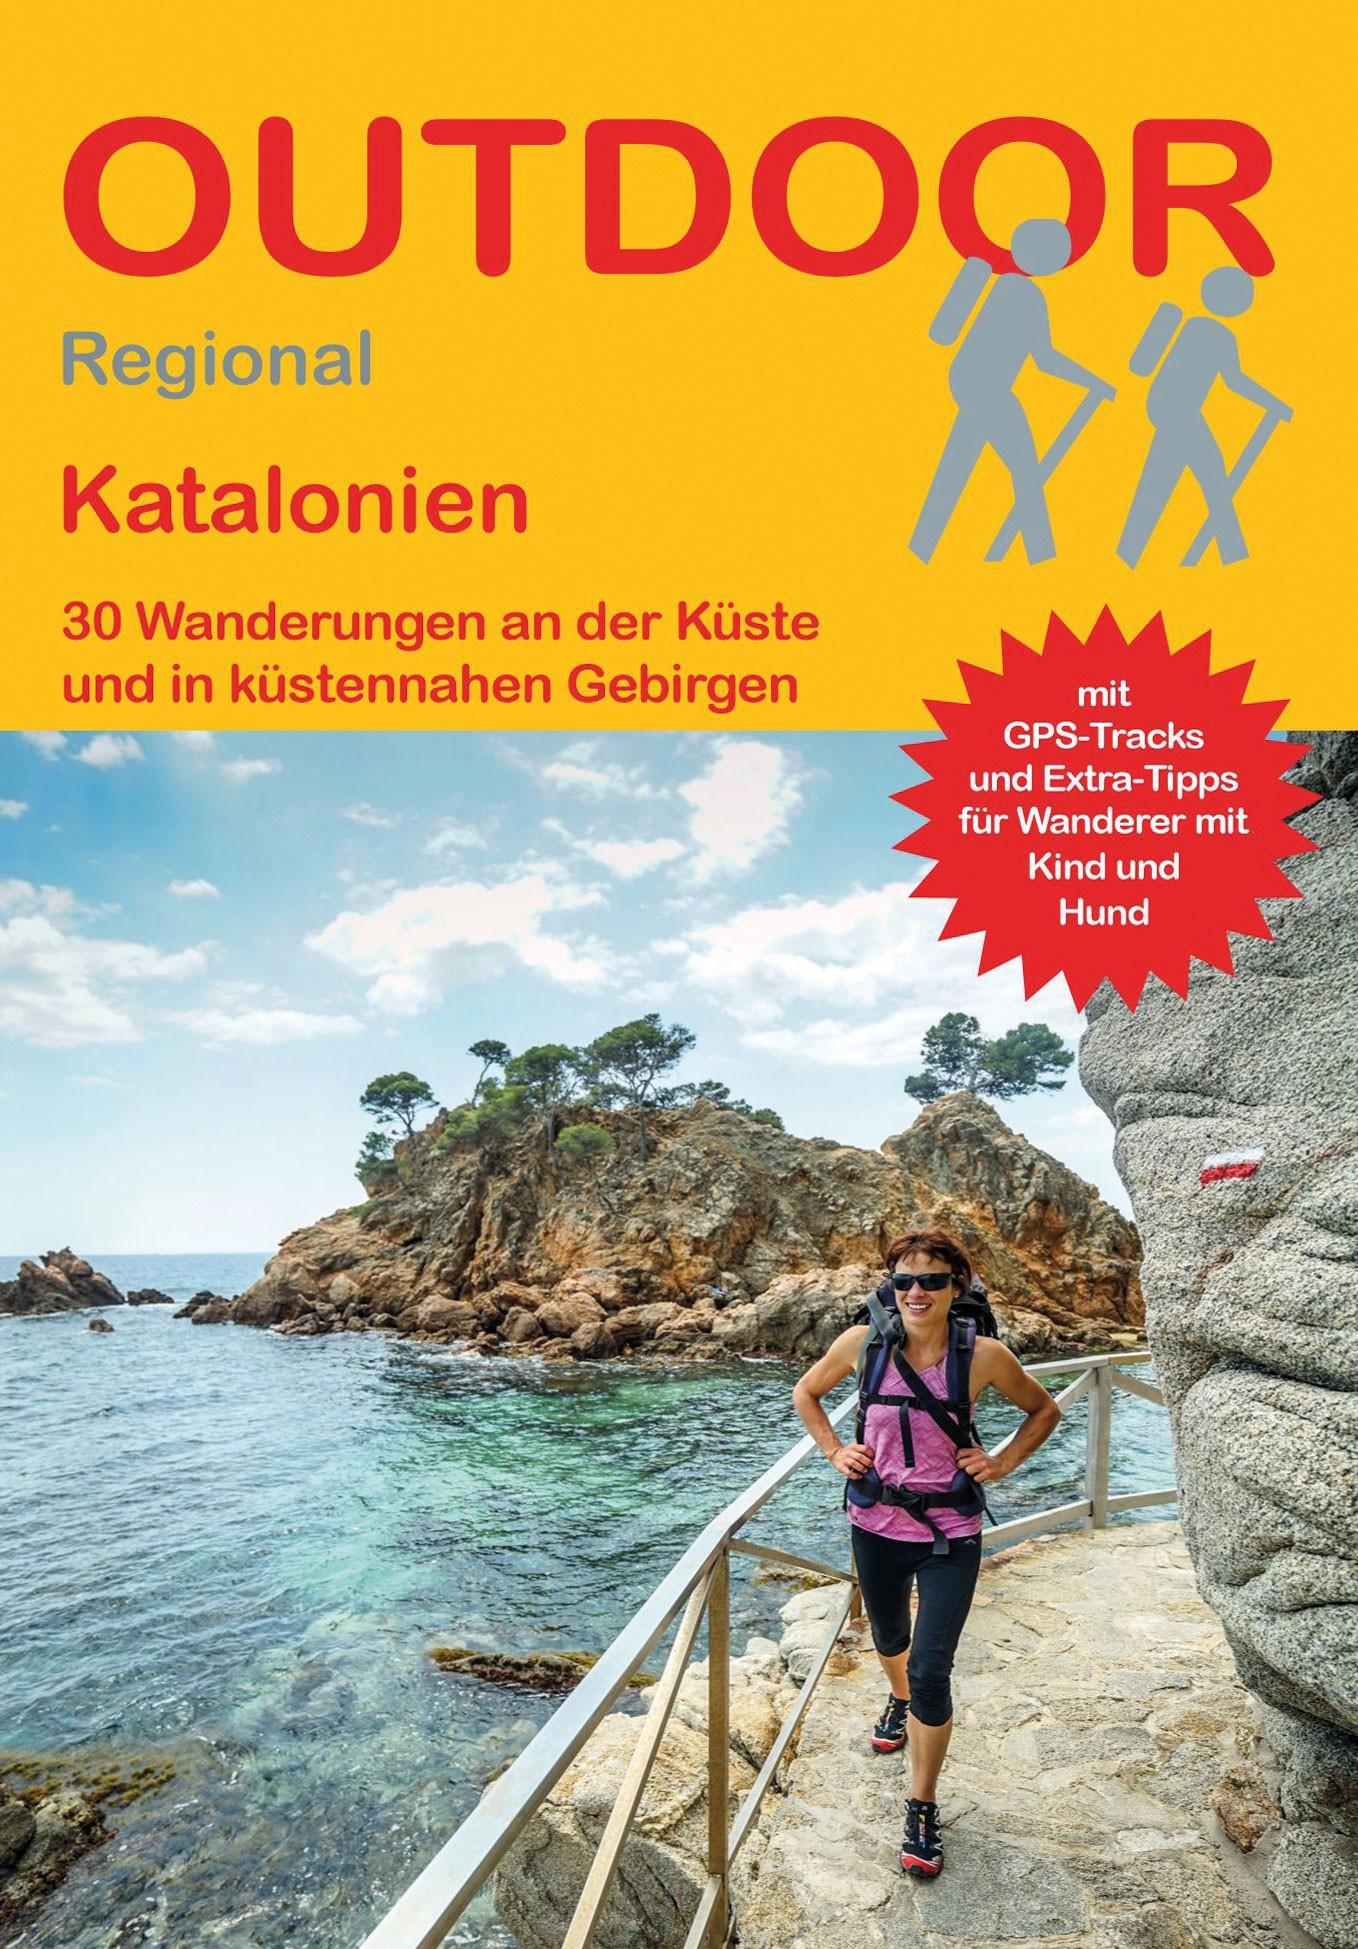 Katalonien - Küste und küstennahe Gebirge